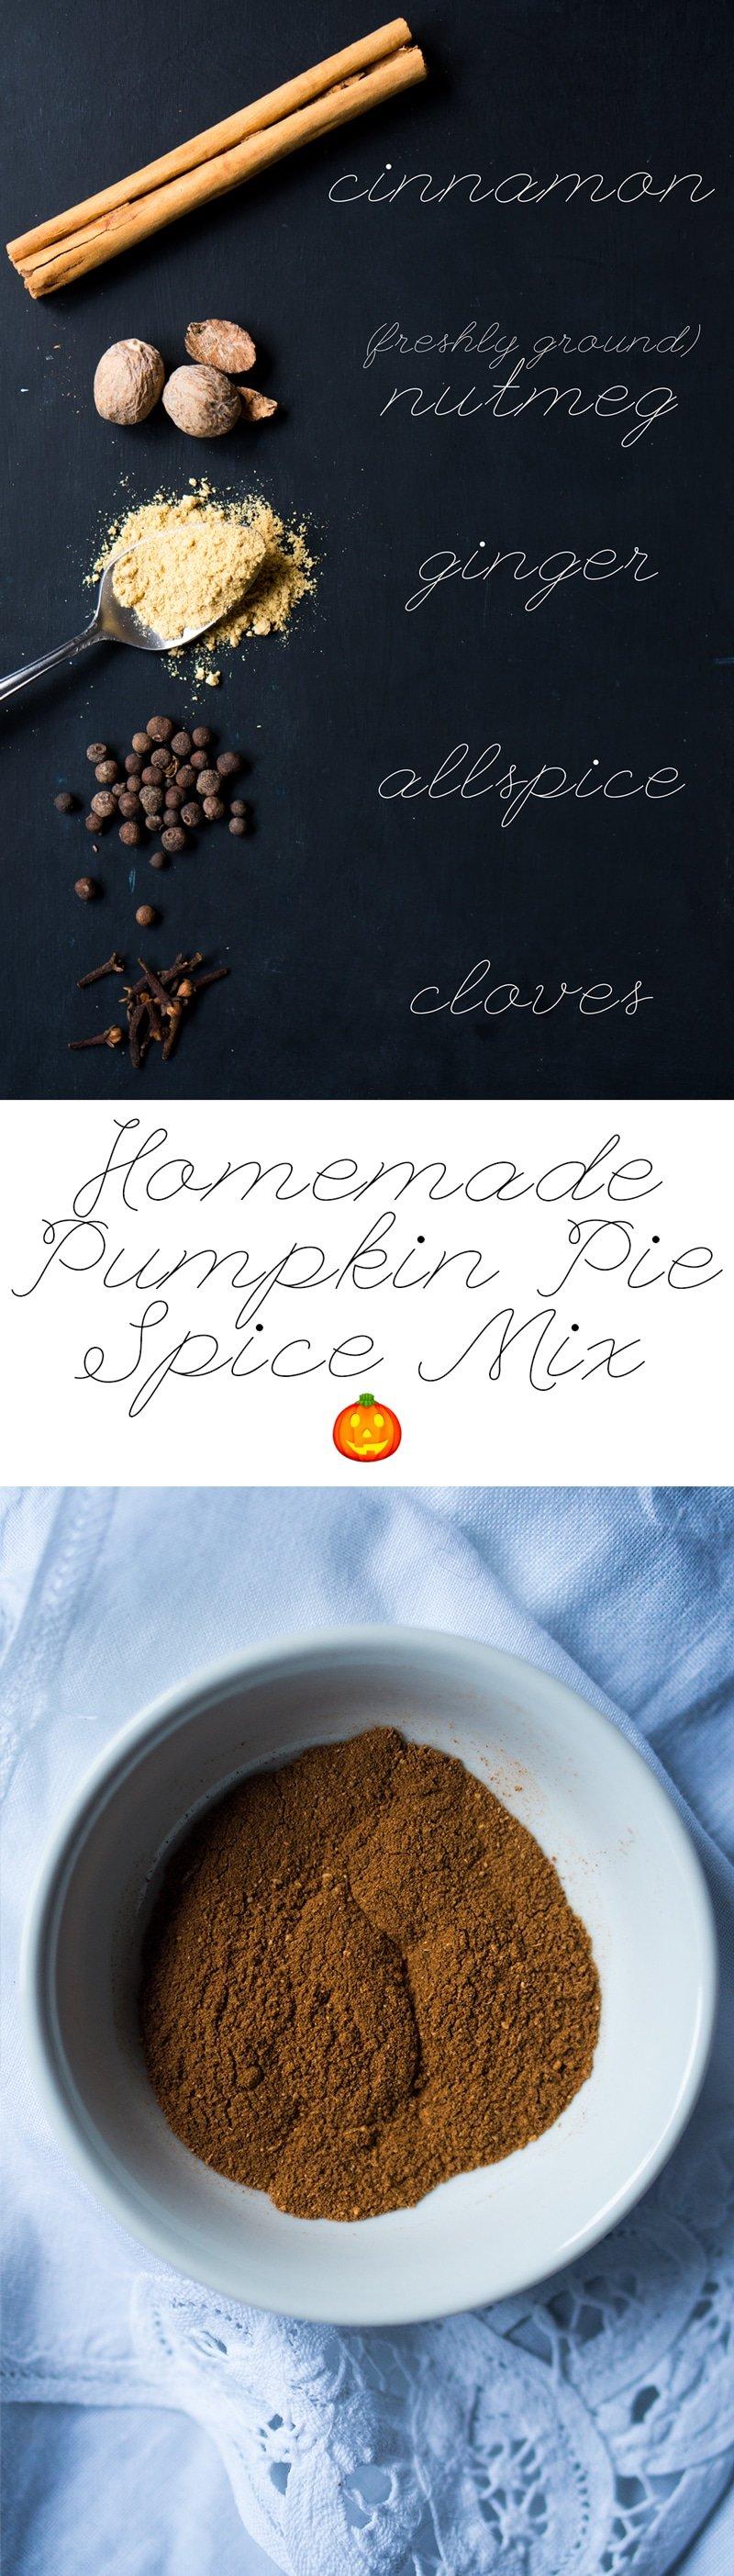 Homemade Pumpkin Pie Spice Mix 🎃